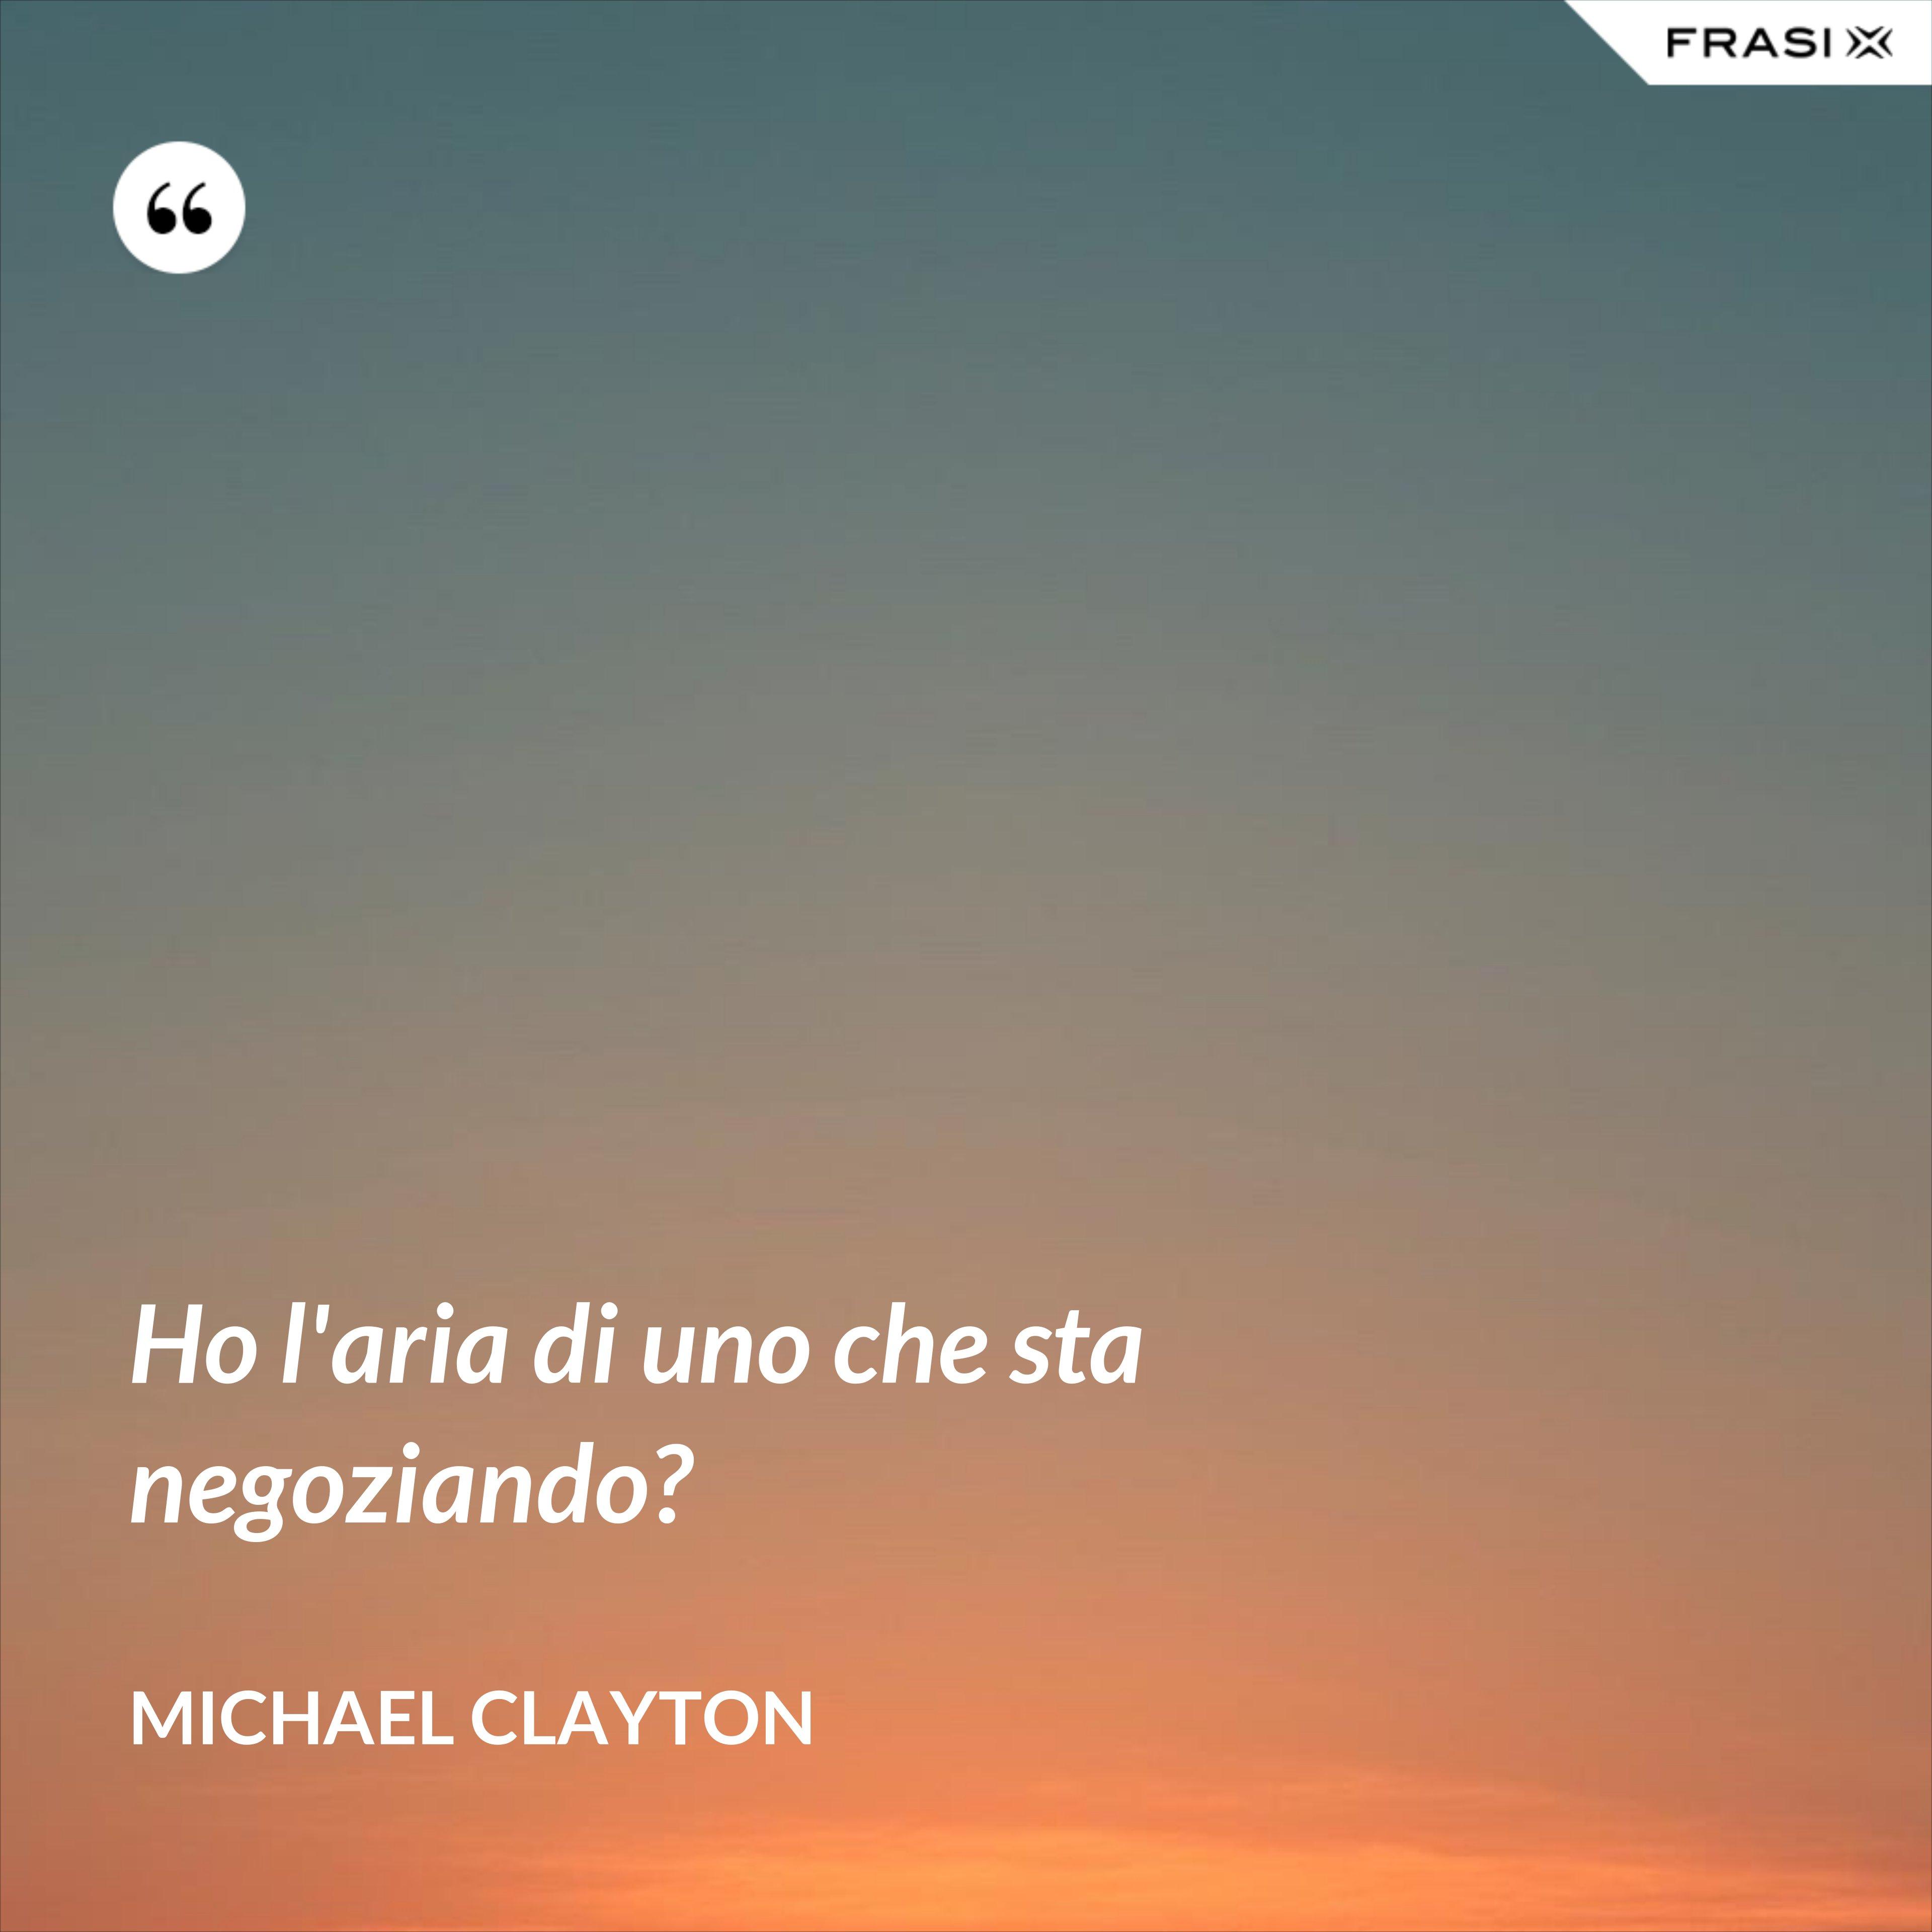 Ho l'aria di uno che sta negoziando? - Michael Clayton